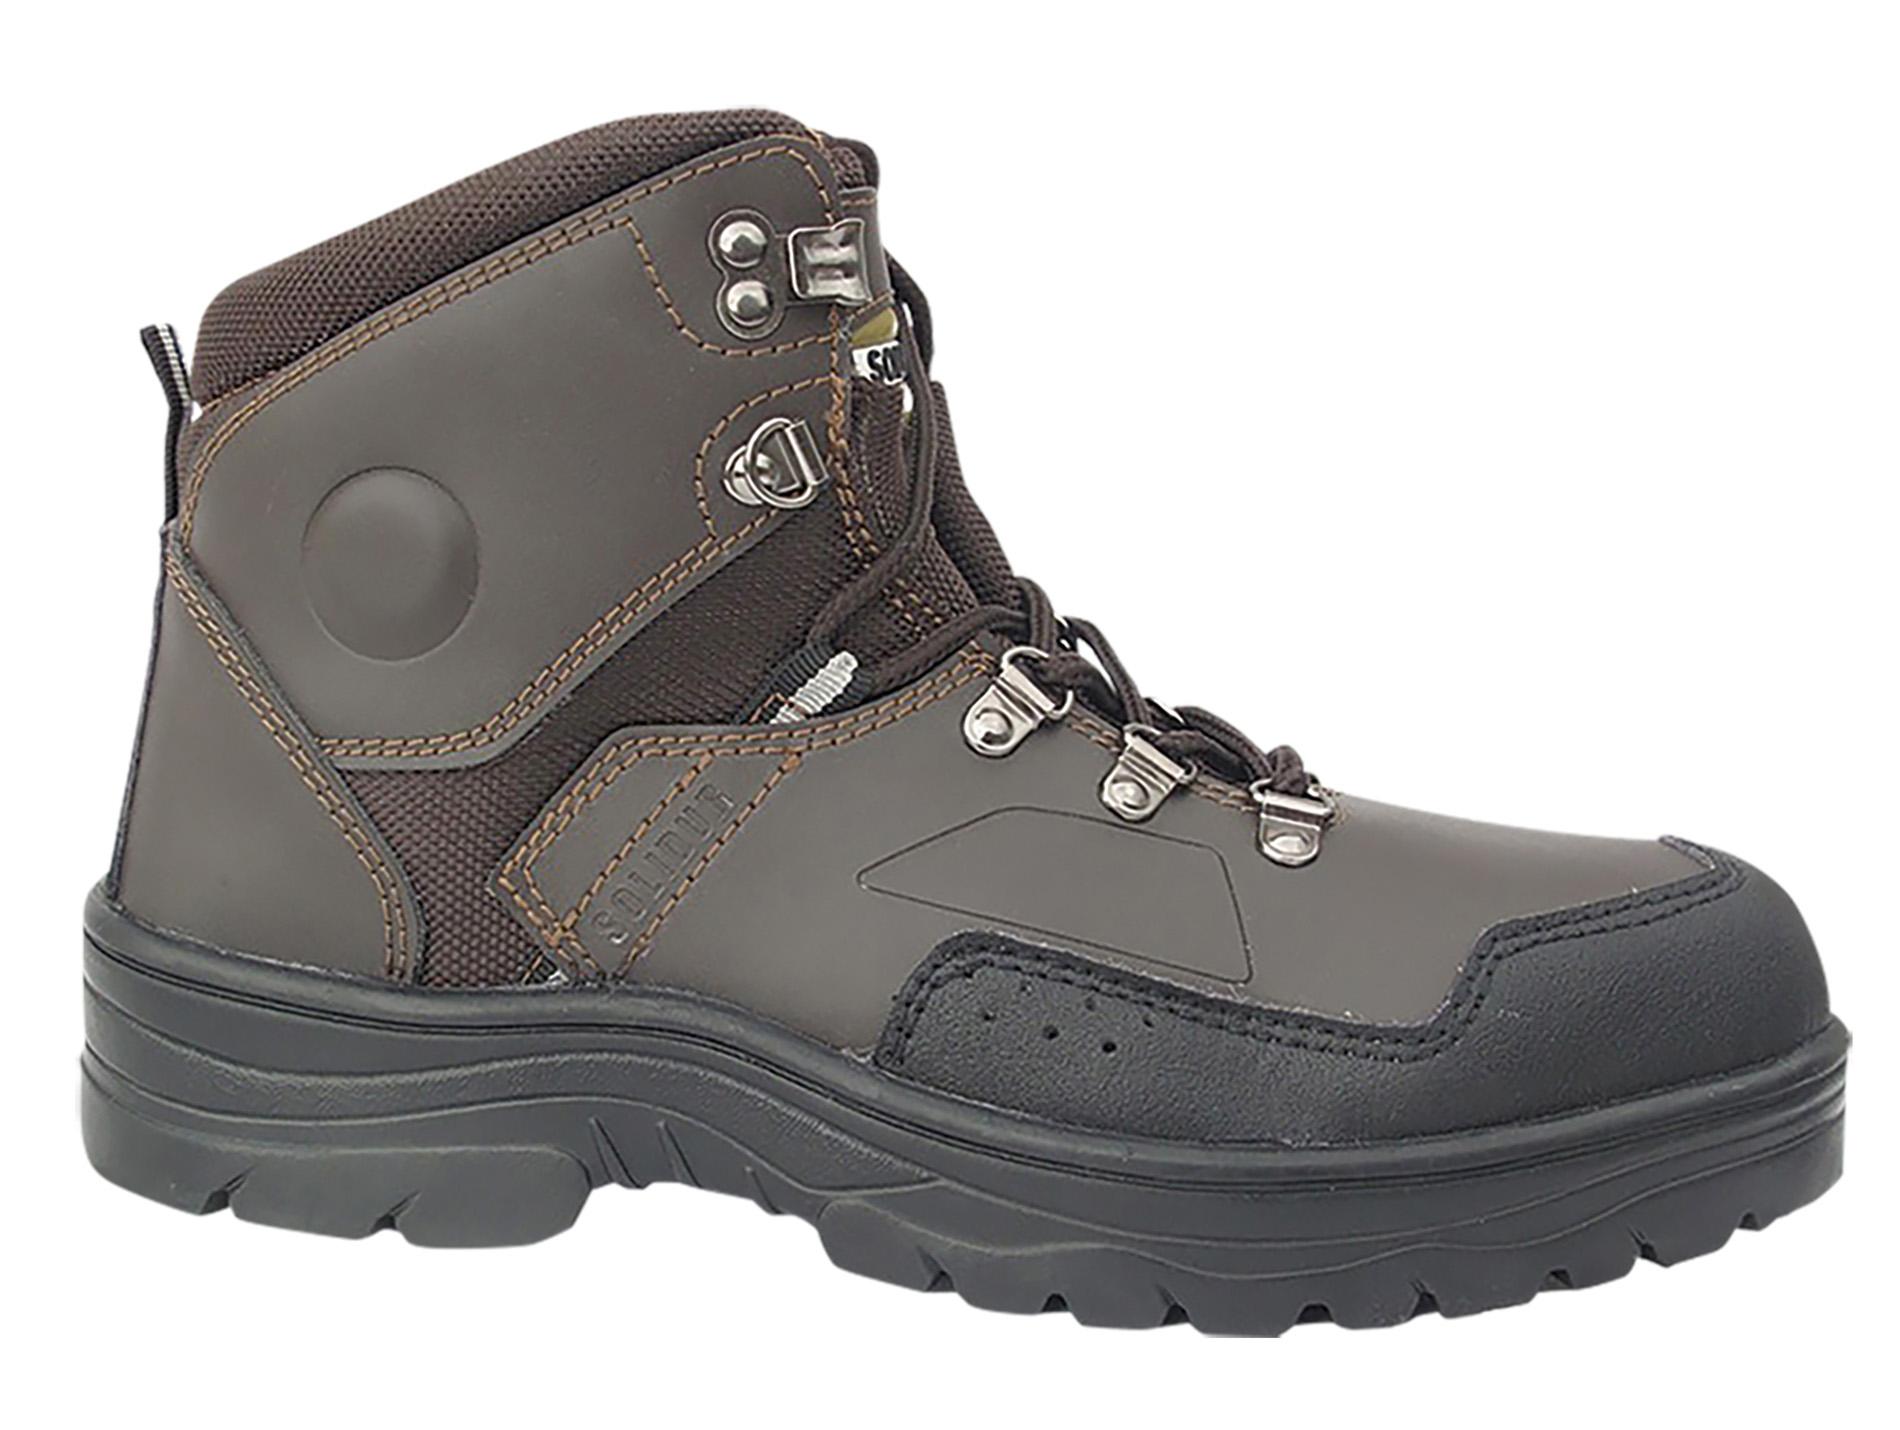 chaussures de travail pro farm chaussures baskets de. Black Bedroom Furniture Sets. Home Design Ideas